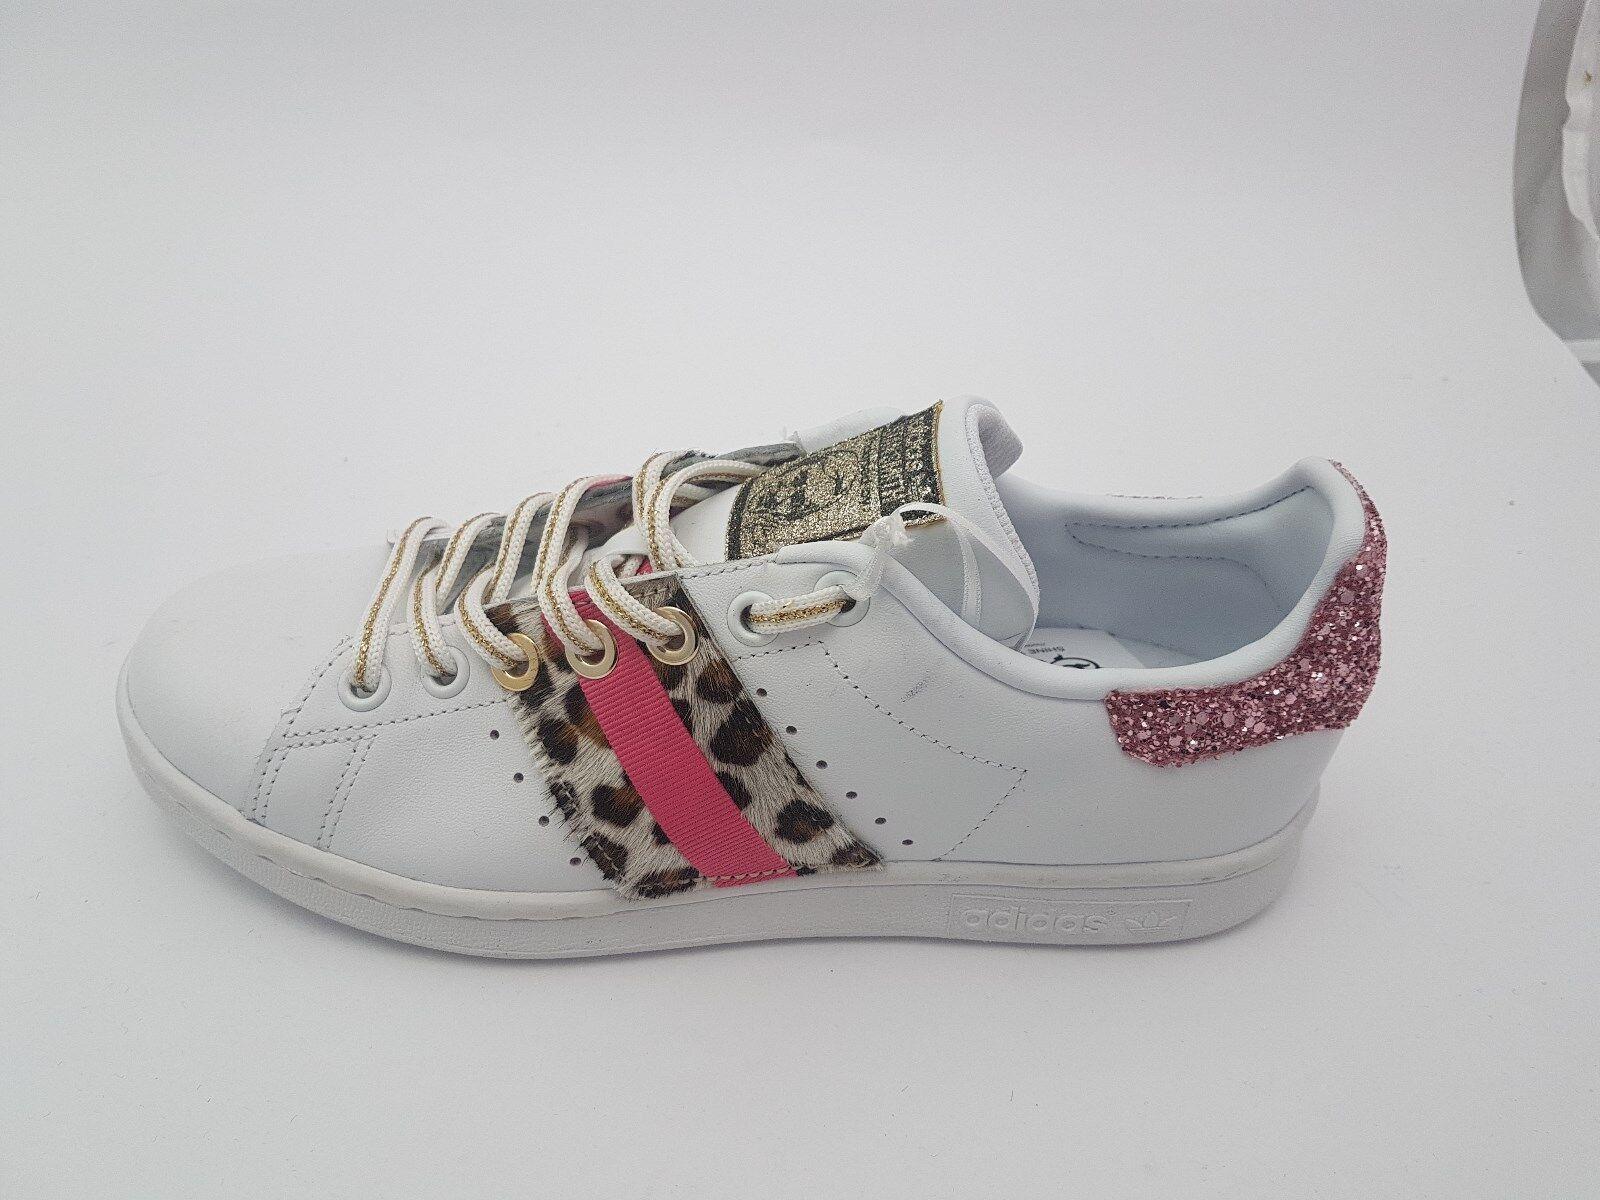 Scarpe adidas stan smith e con leopardino e smith glitter 6c6b8e